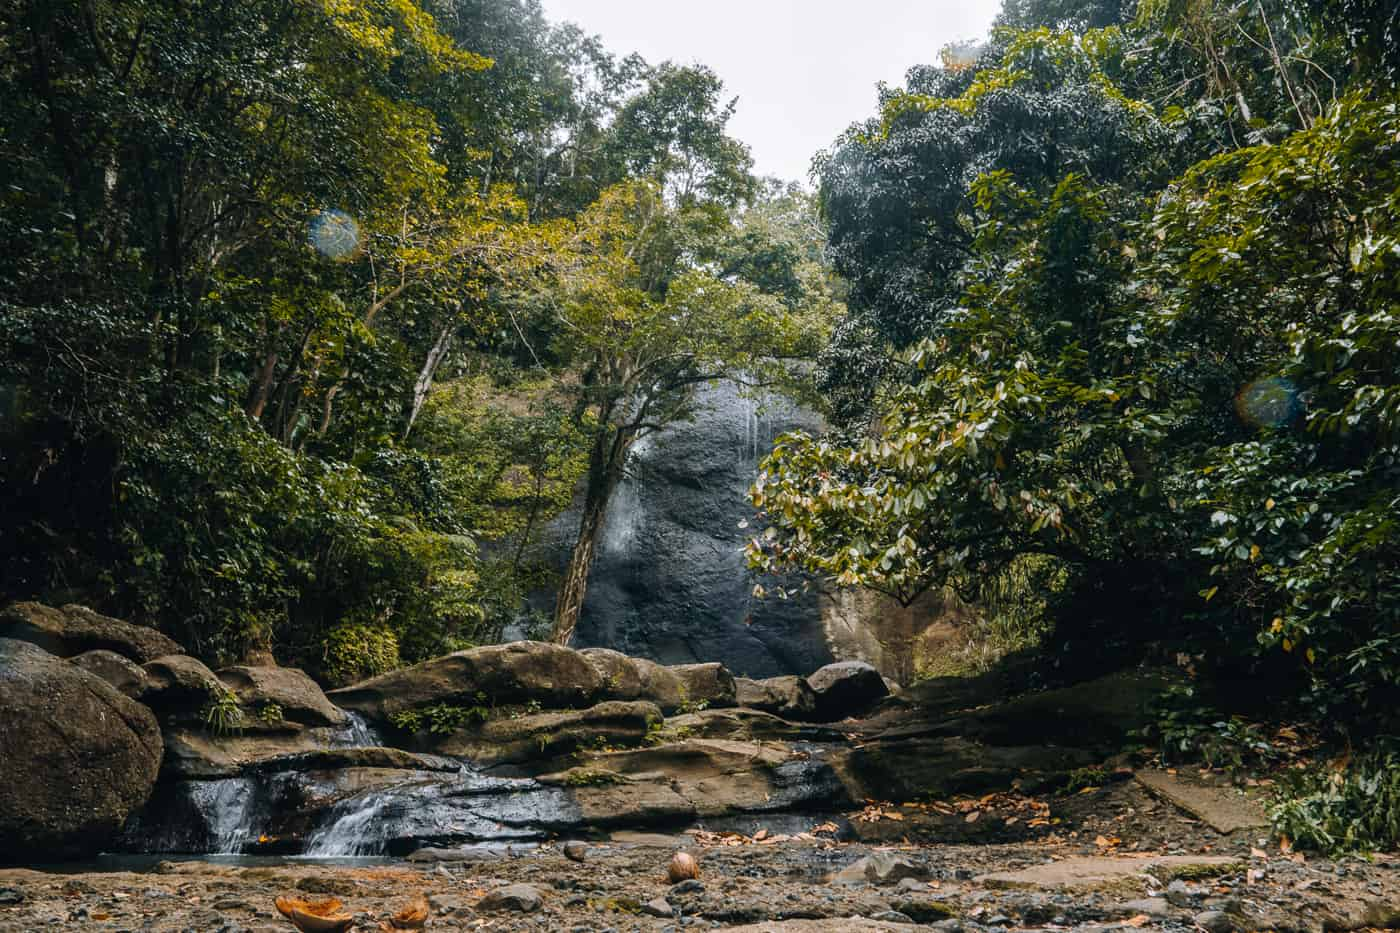 Saint Lucia - Tipps, Sehenswürdigkeiten, Strände & Ausflugsziele auf der Karibik-Insel: Sault Falls / Errard Waterfall